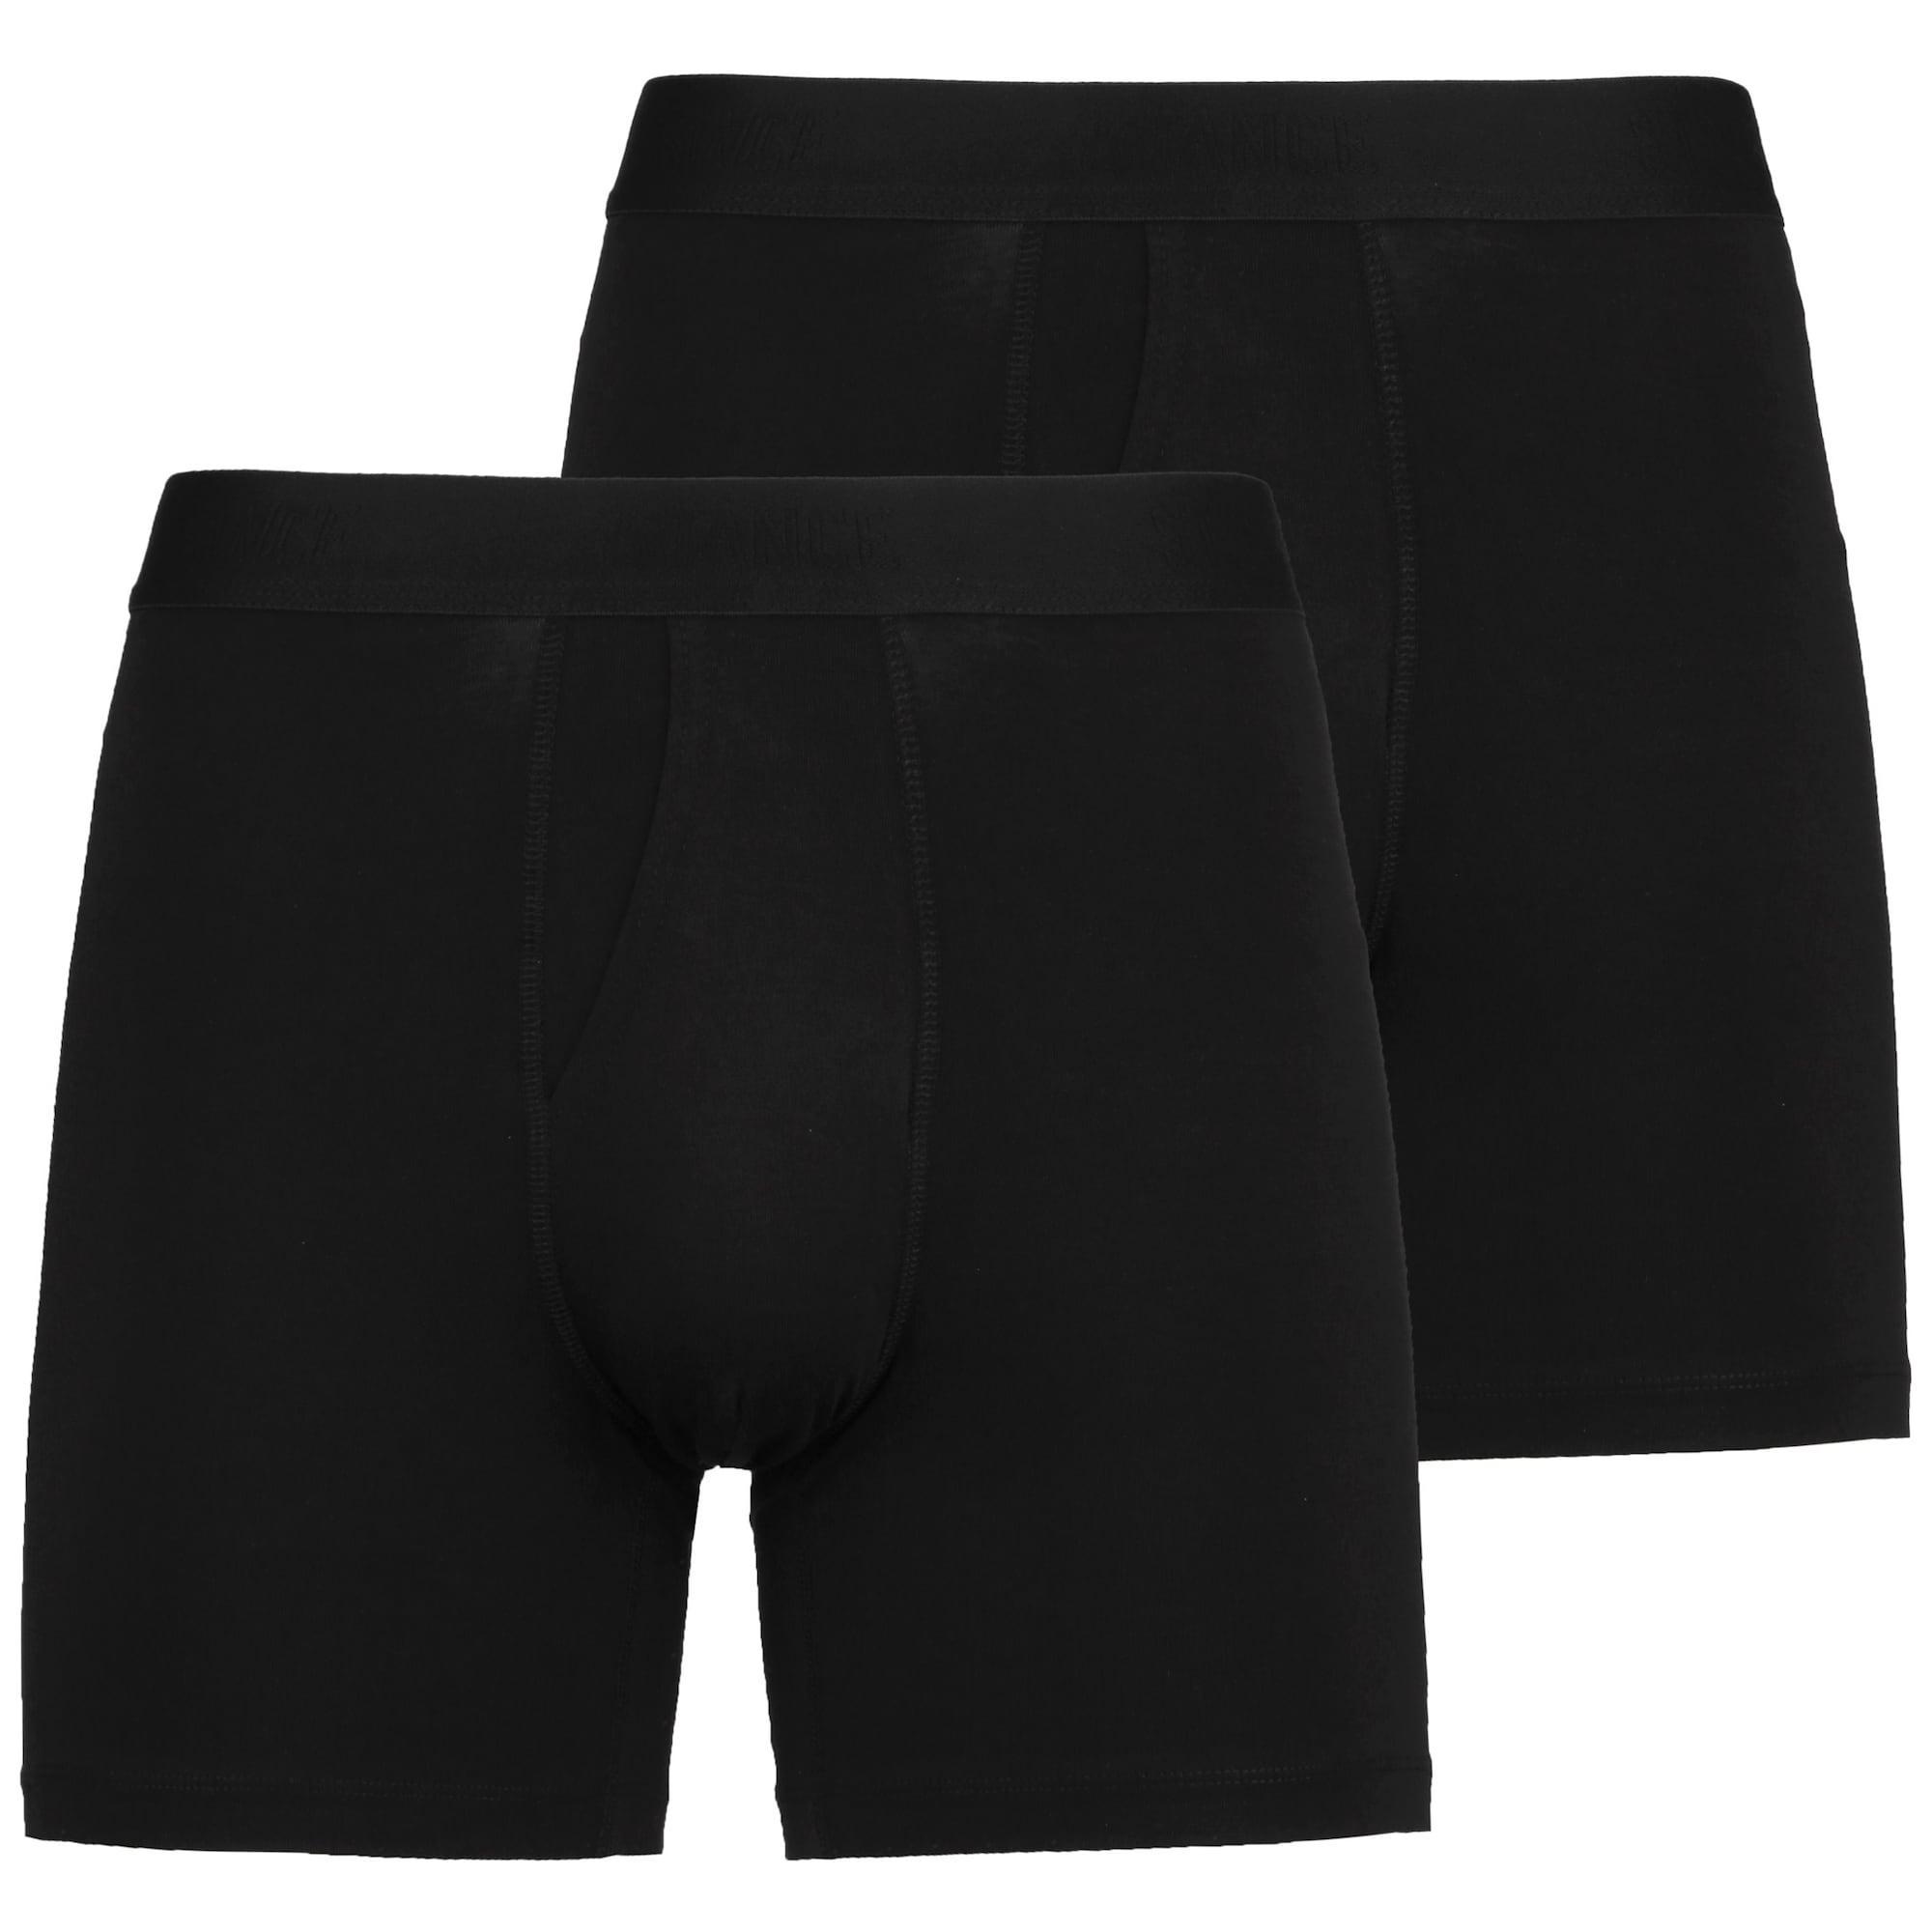 Stance Boxershorts schwarz